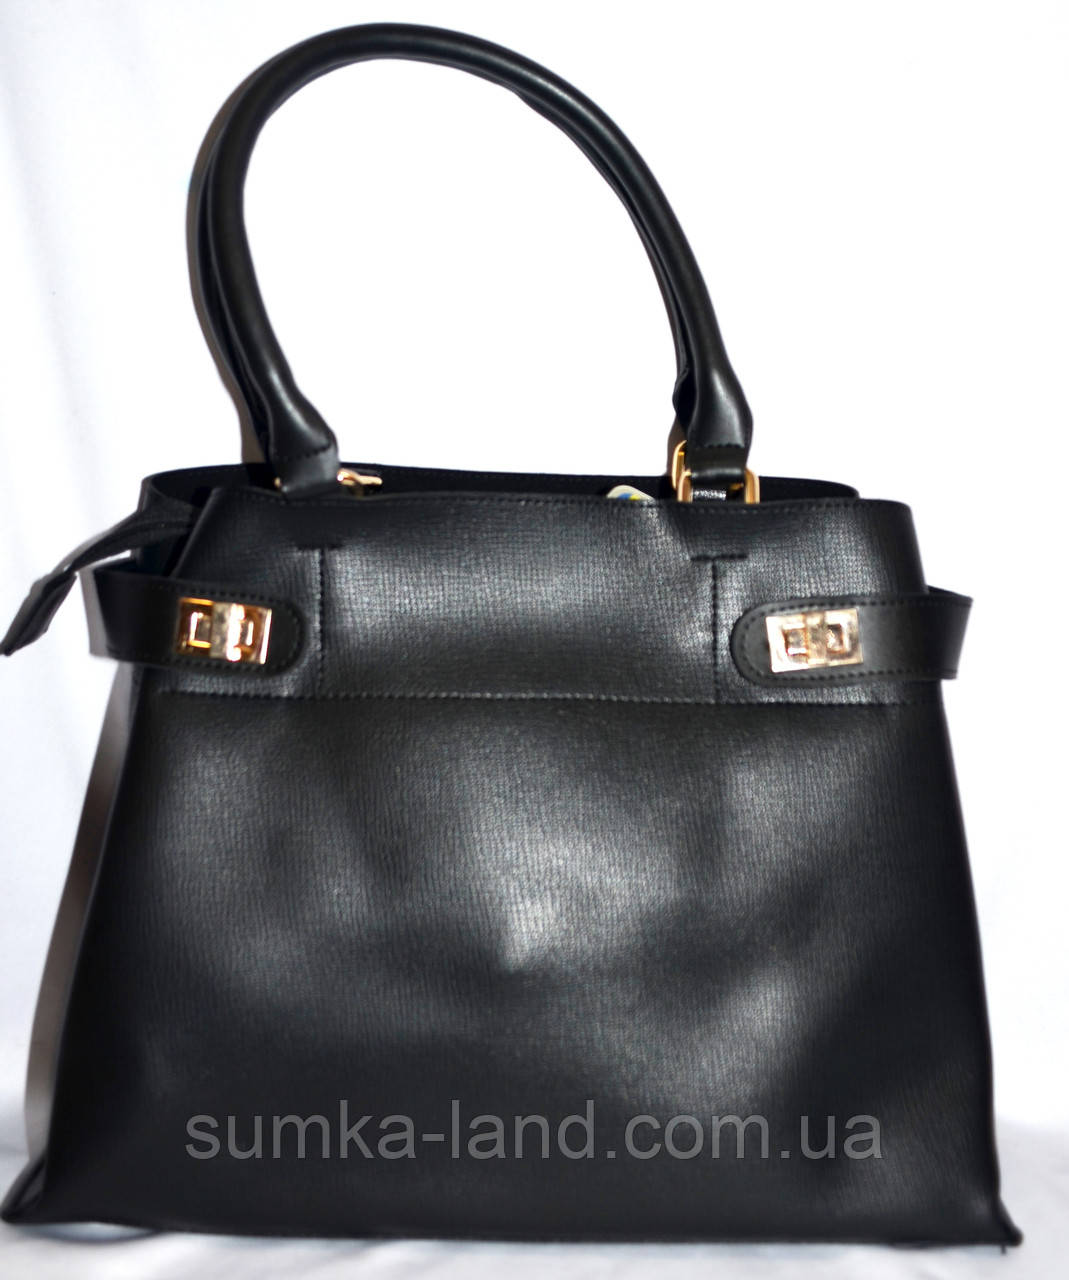 Женская черная сумка класса Люкс 35*26 см